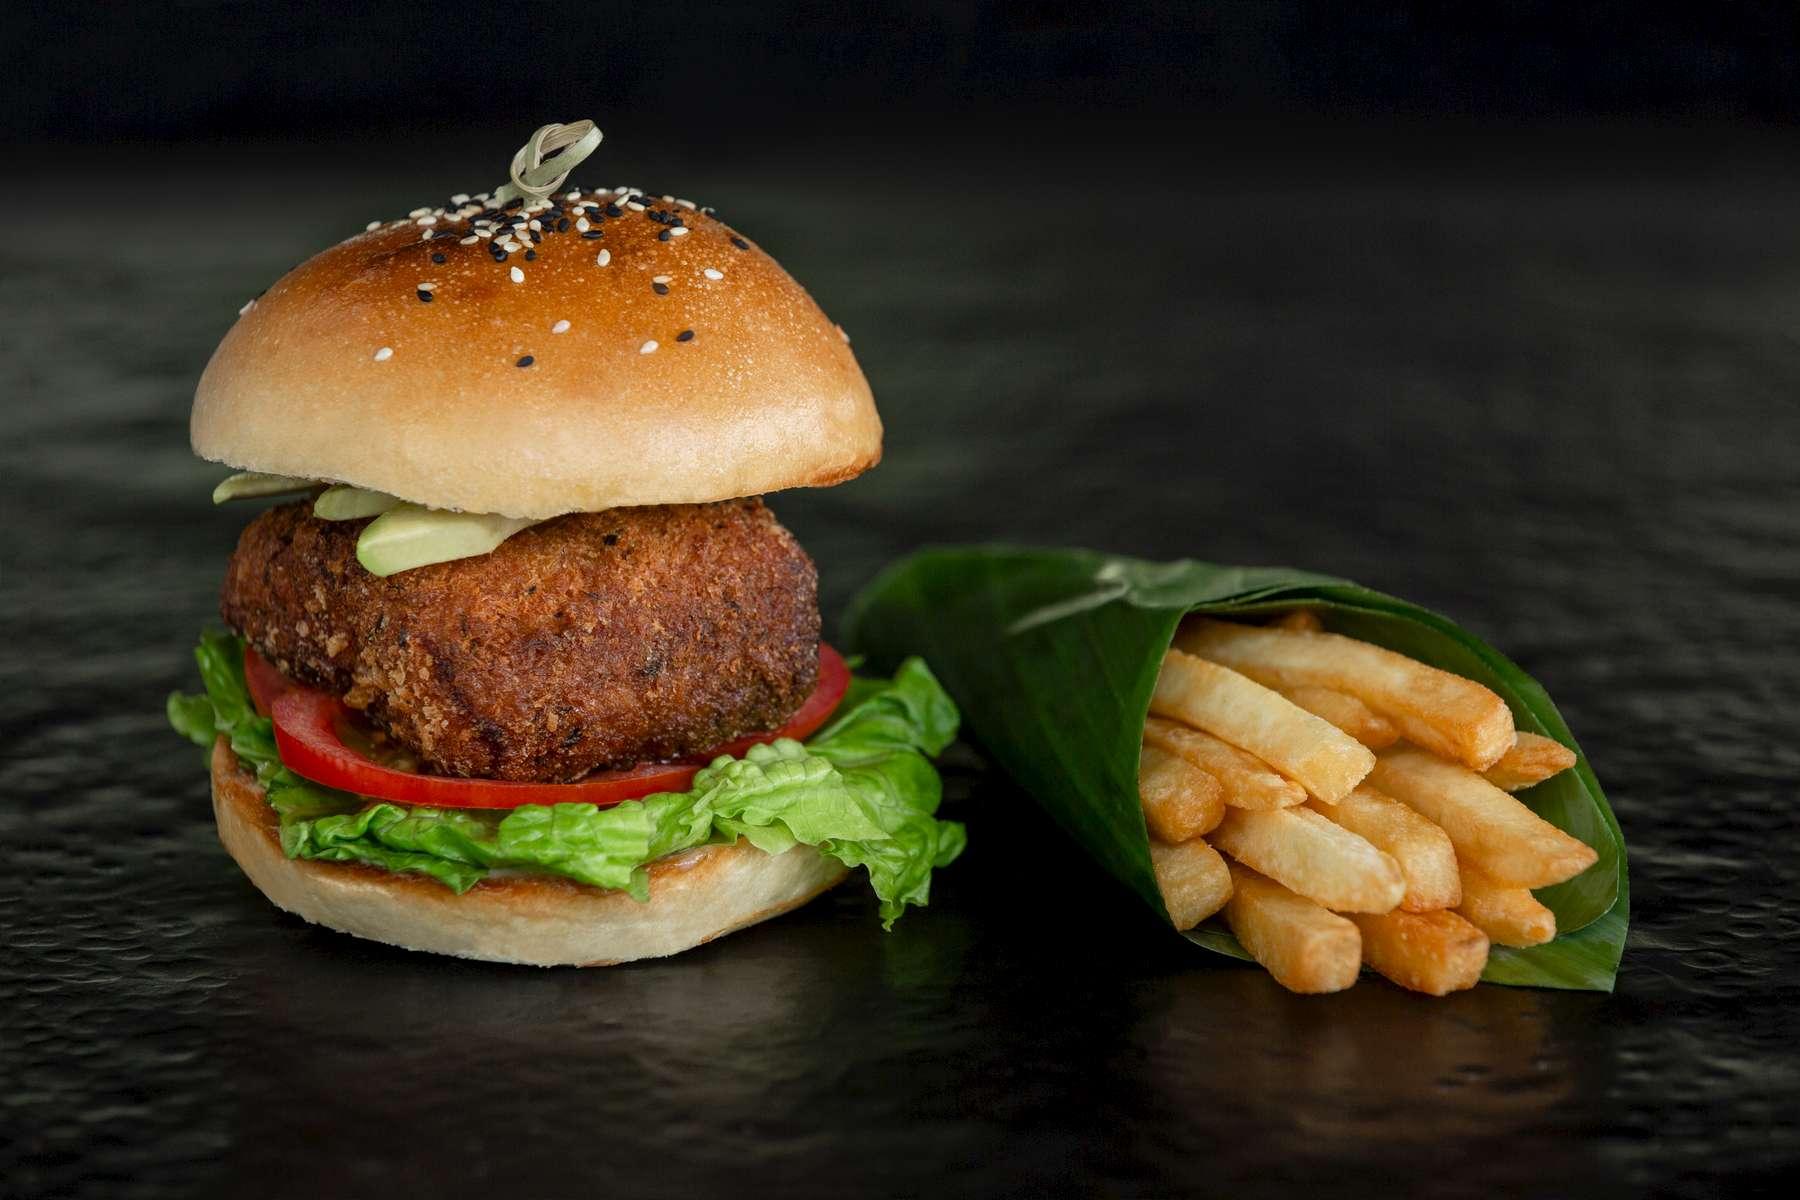 Pullman_Luang_Prabang_Laos_9112_Latelier_Fish_Burger_Photo_by_Cyril_Eberle_CEB_8141